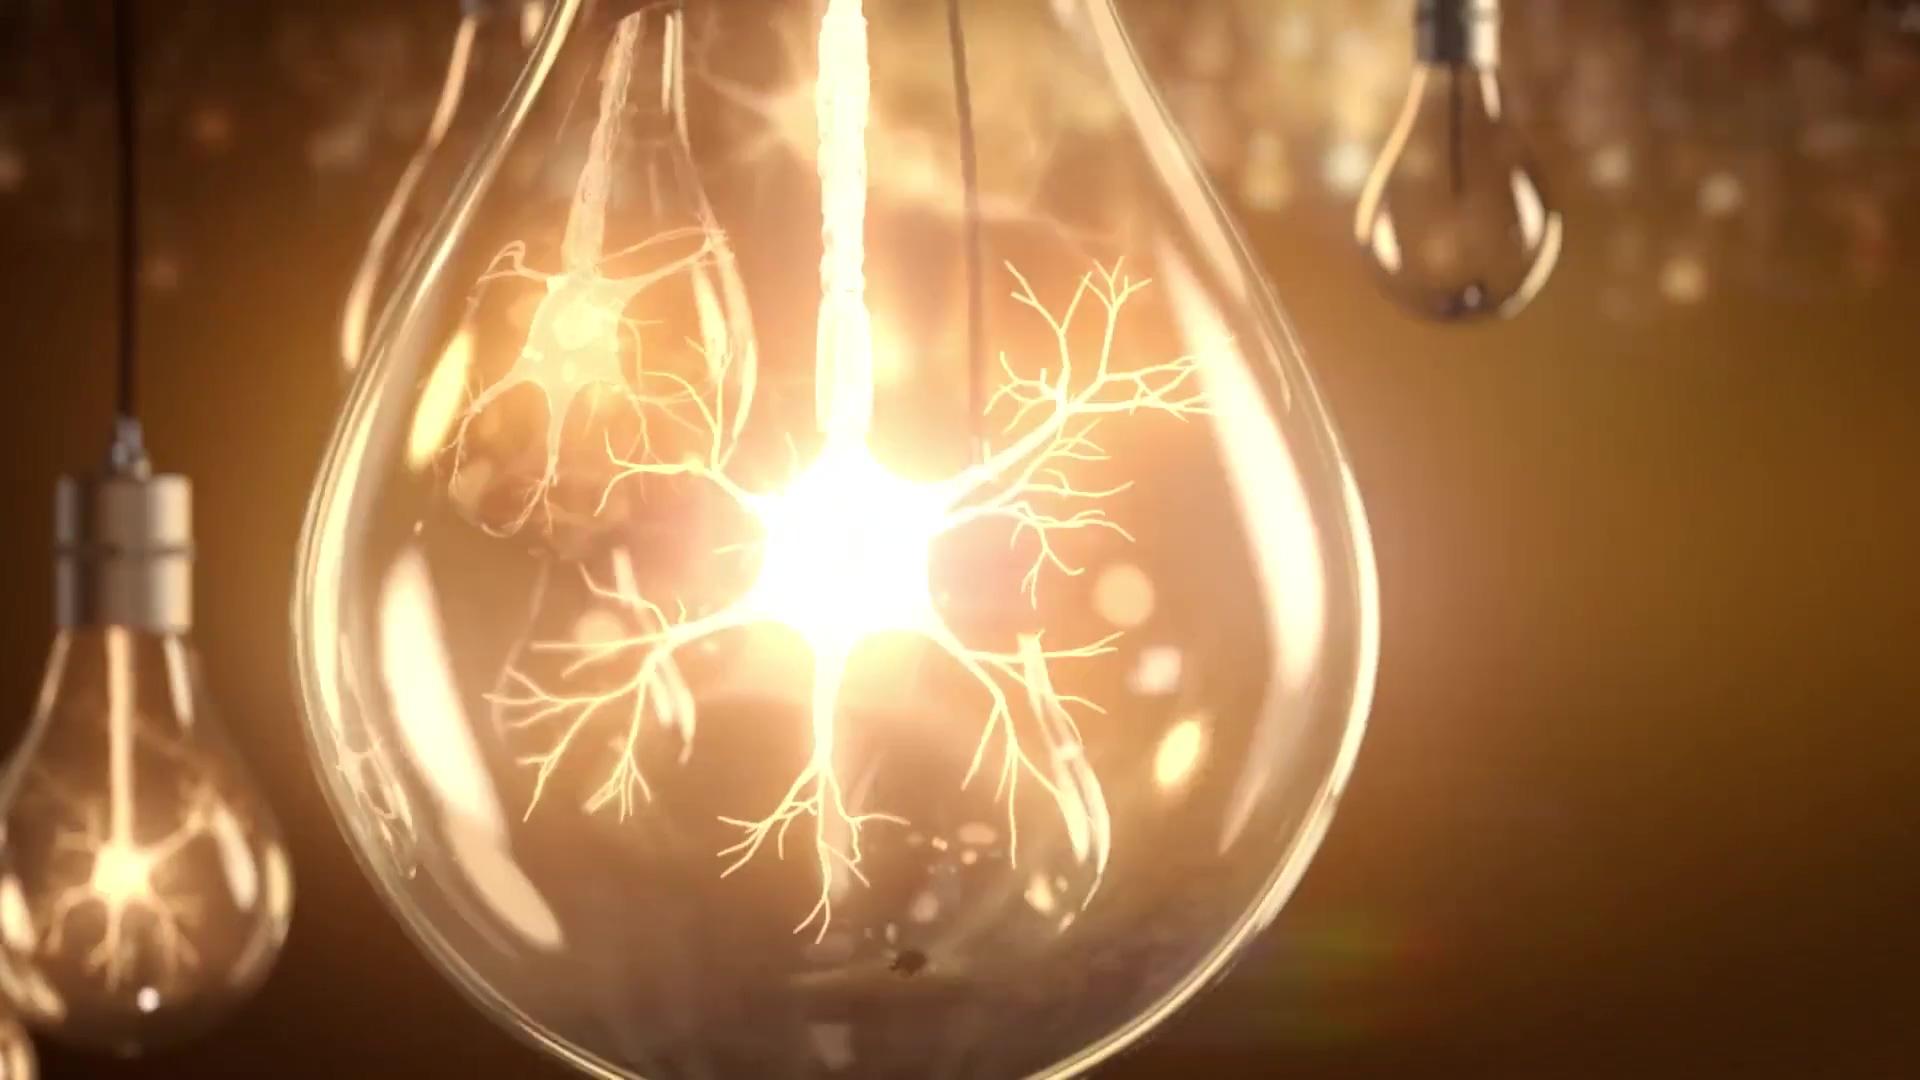 Roche Lightbulbs